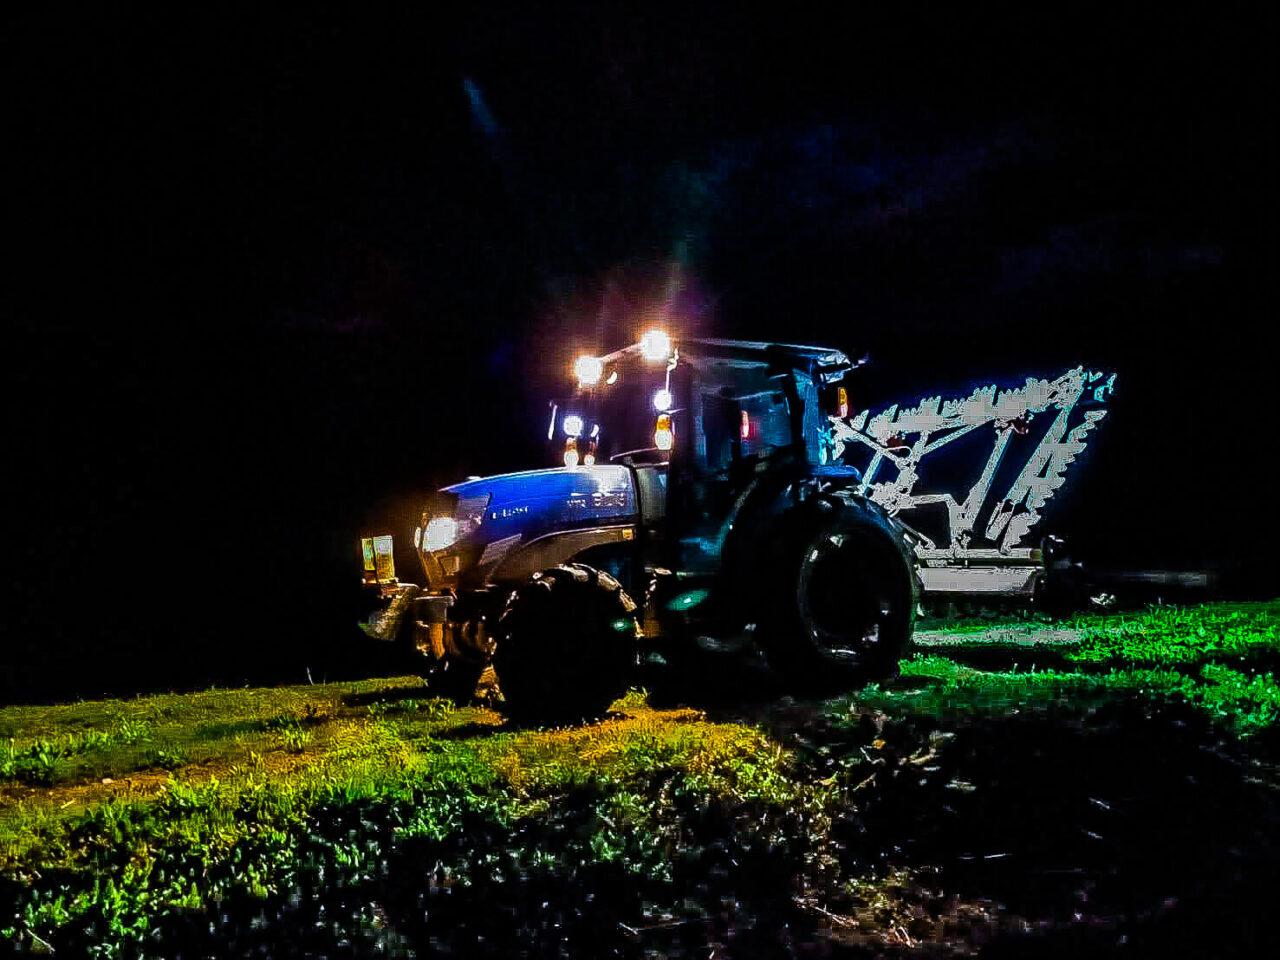 闇夜のトラクター